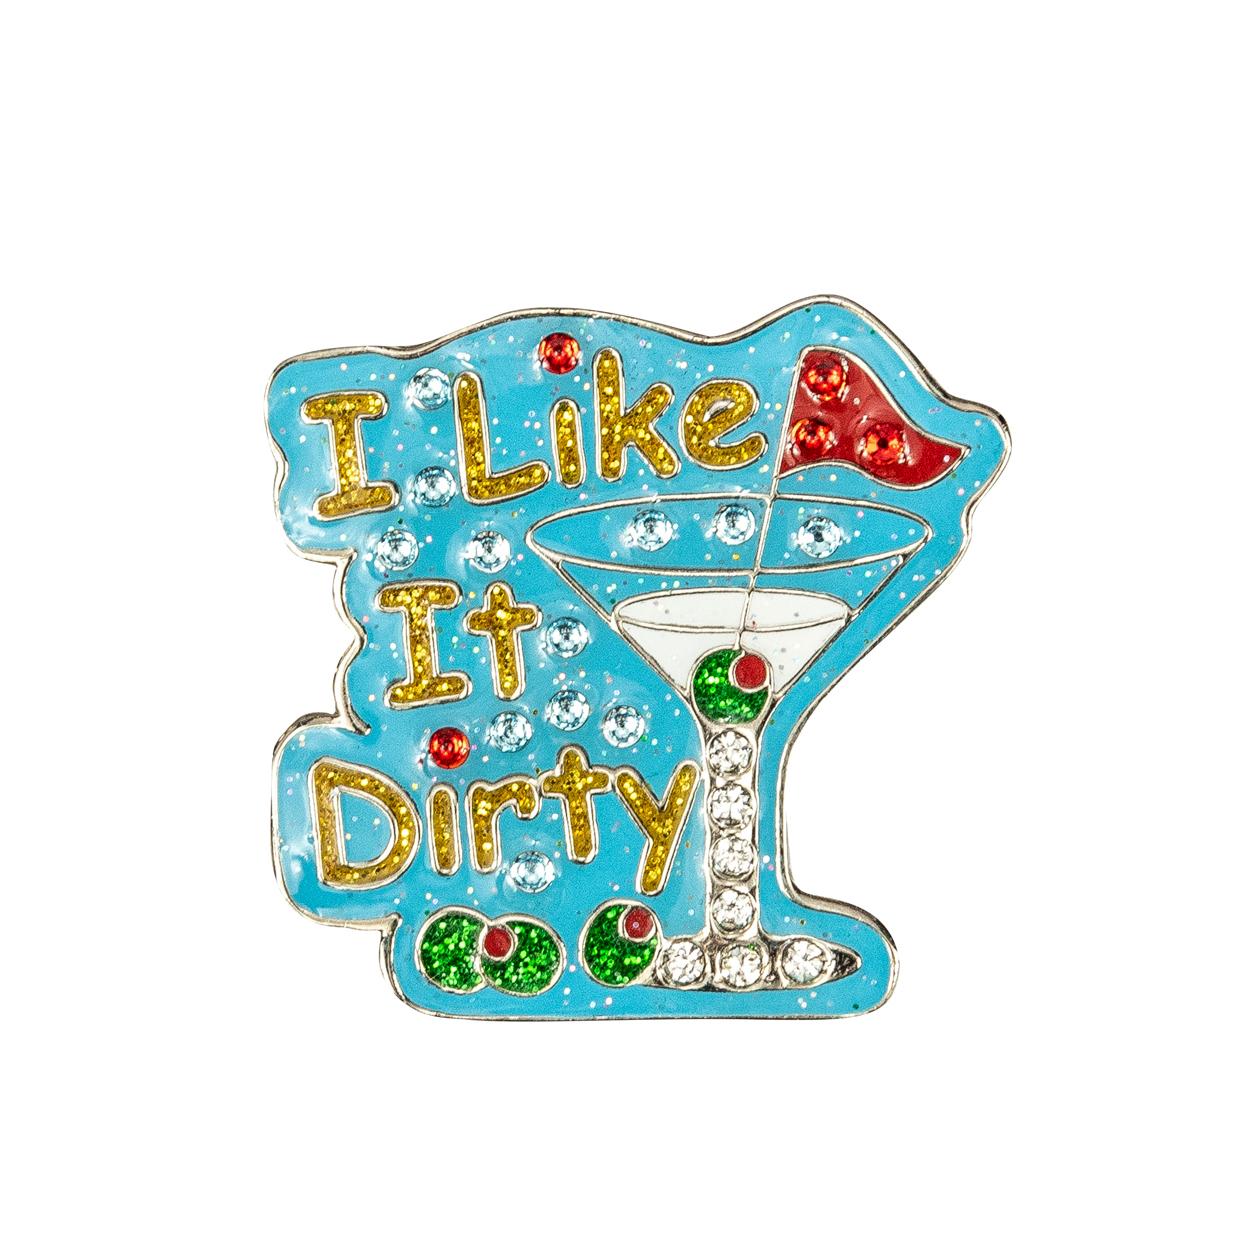 72. I Like It Dirty